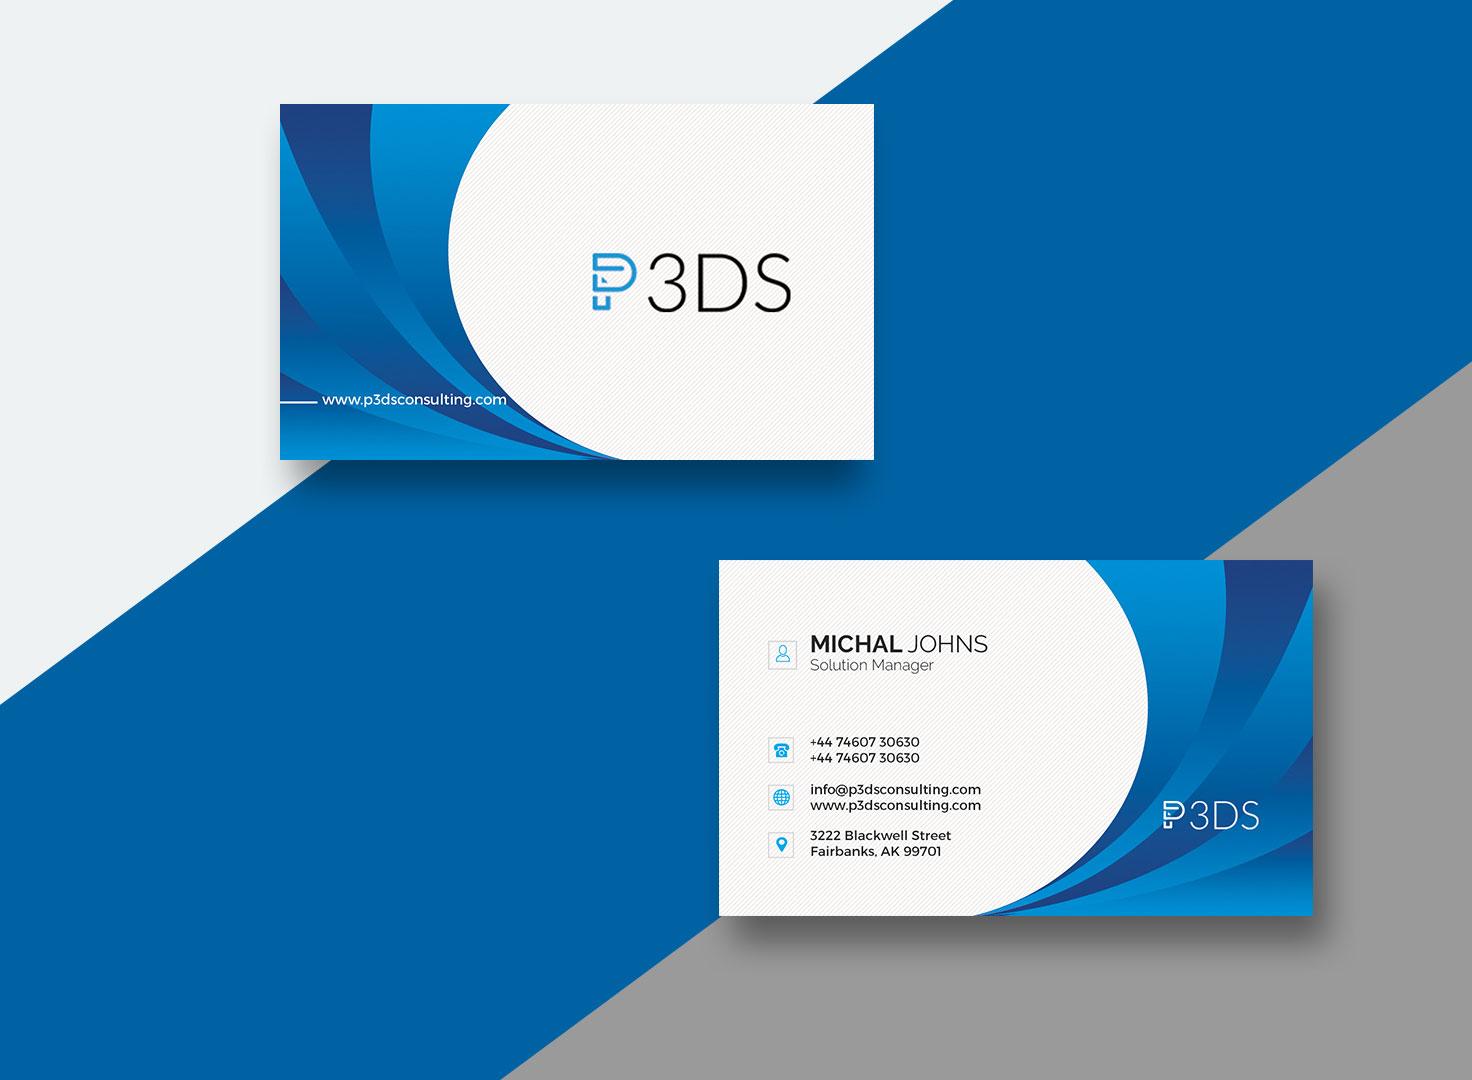 P3DS Consulting Branding & Web Design